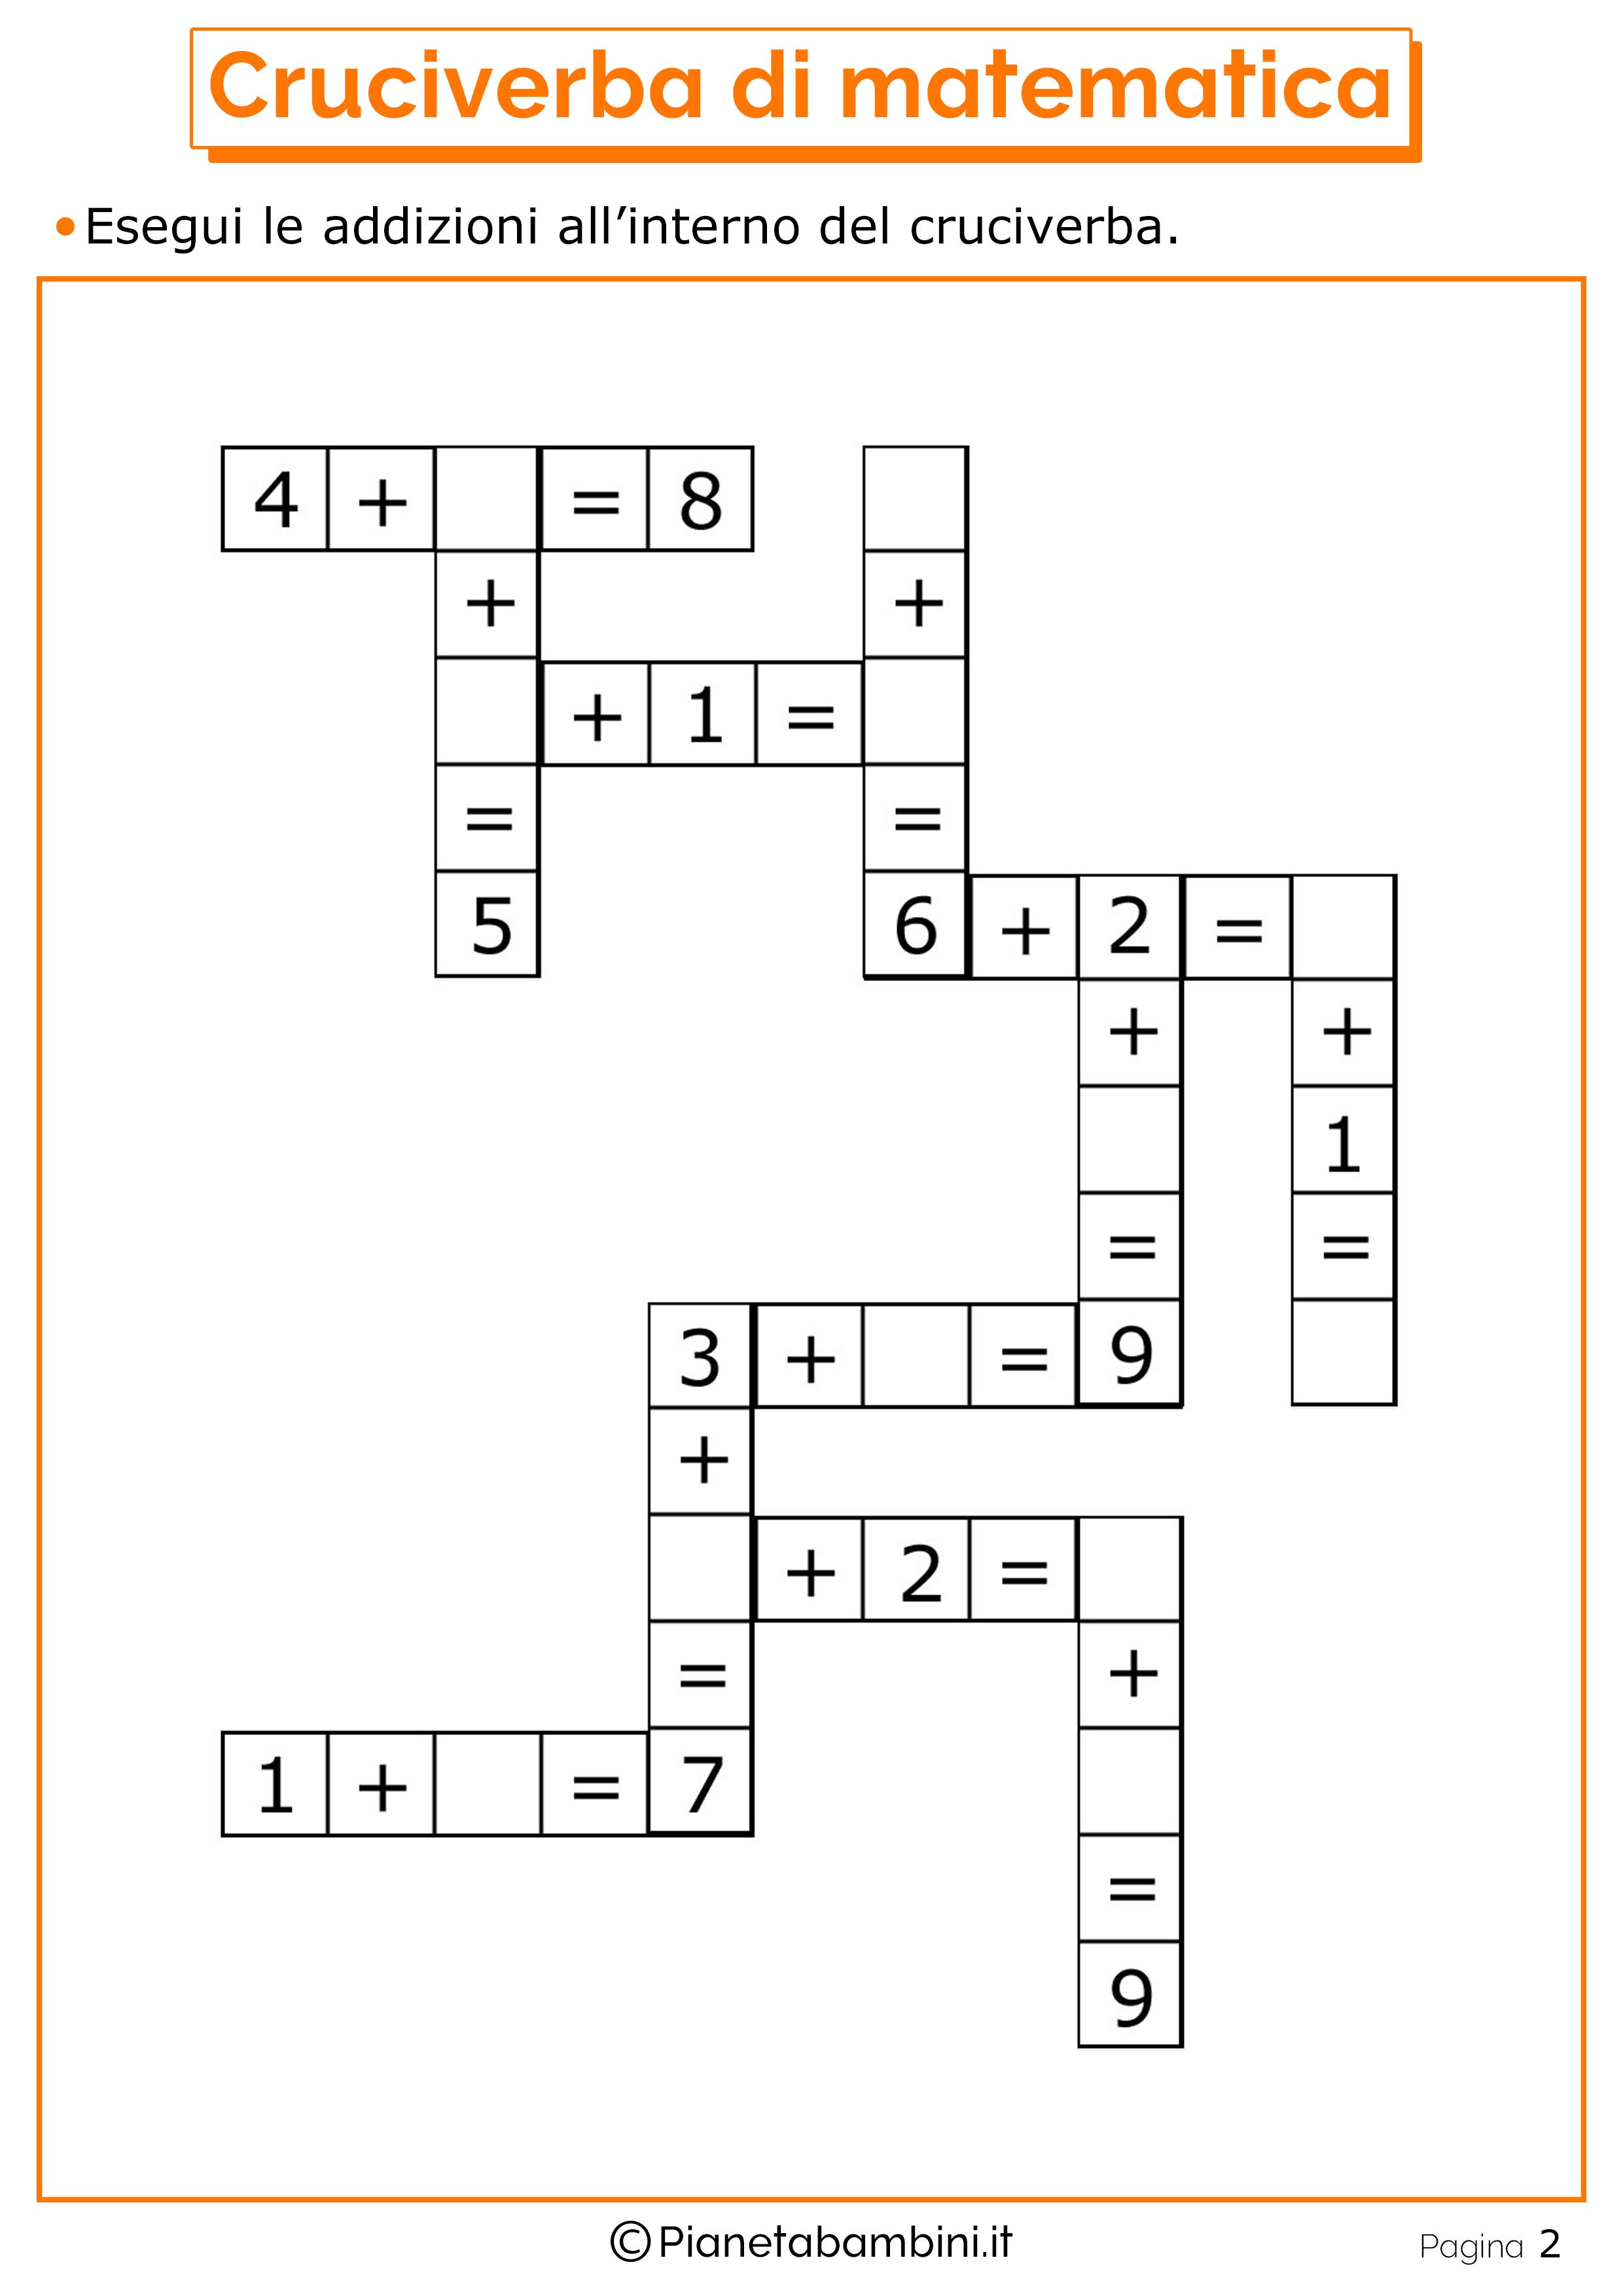 Cruciverba-Matematica_2